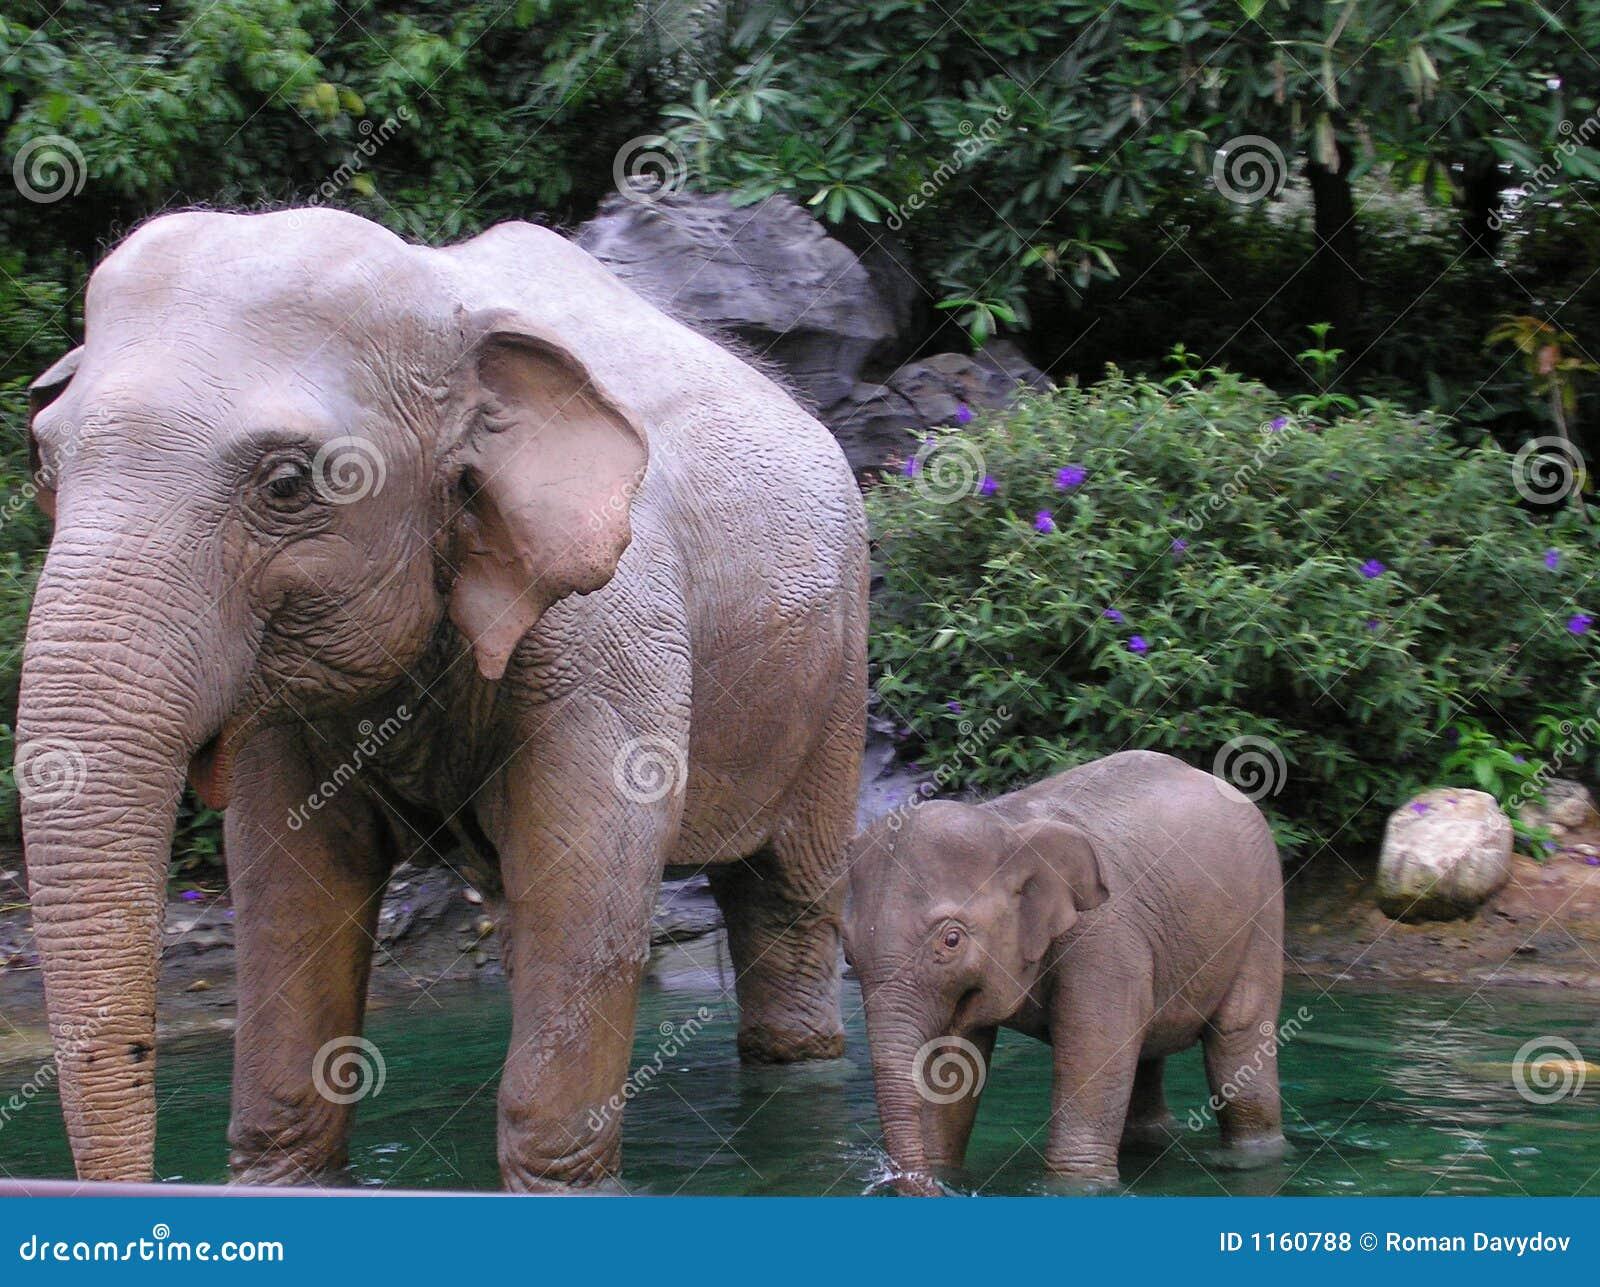 Elefant s family